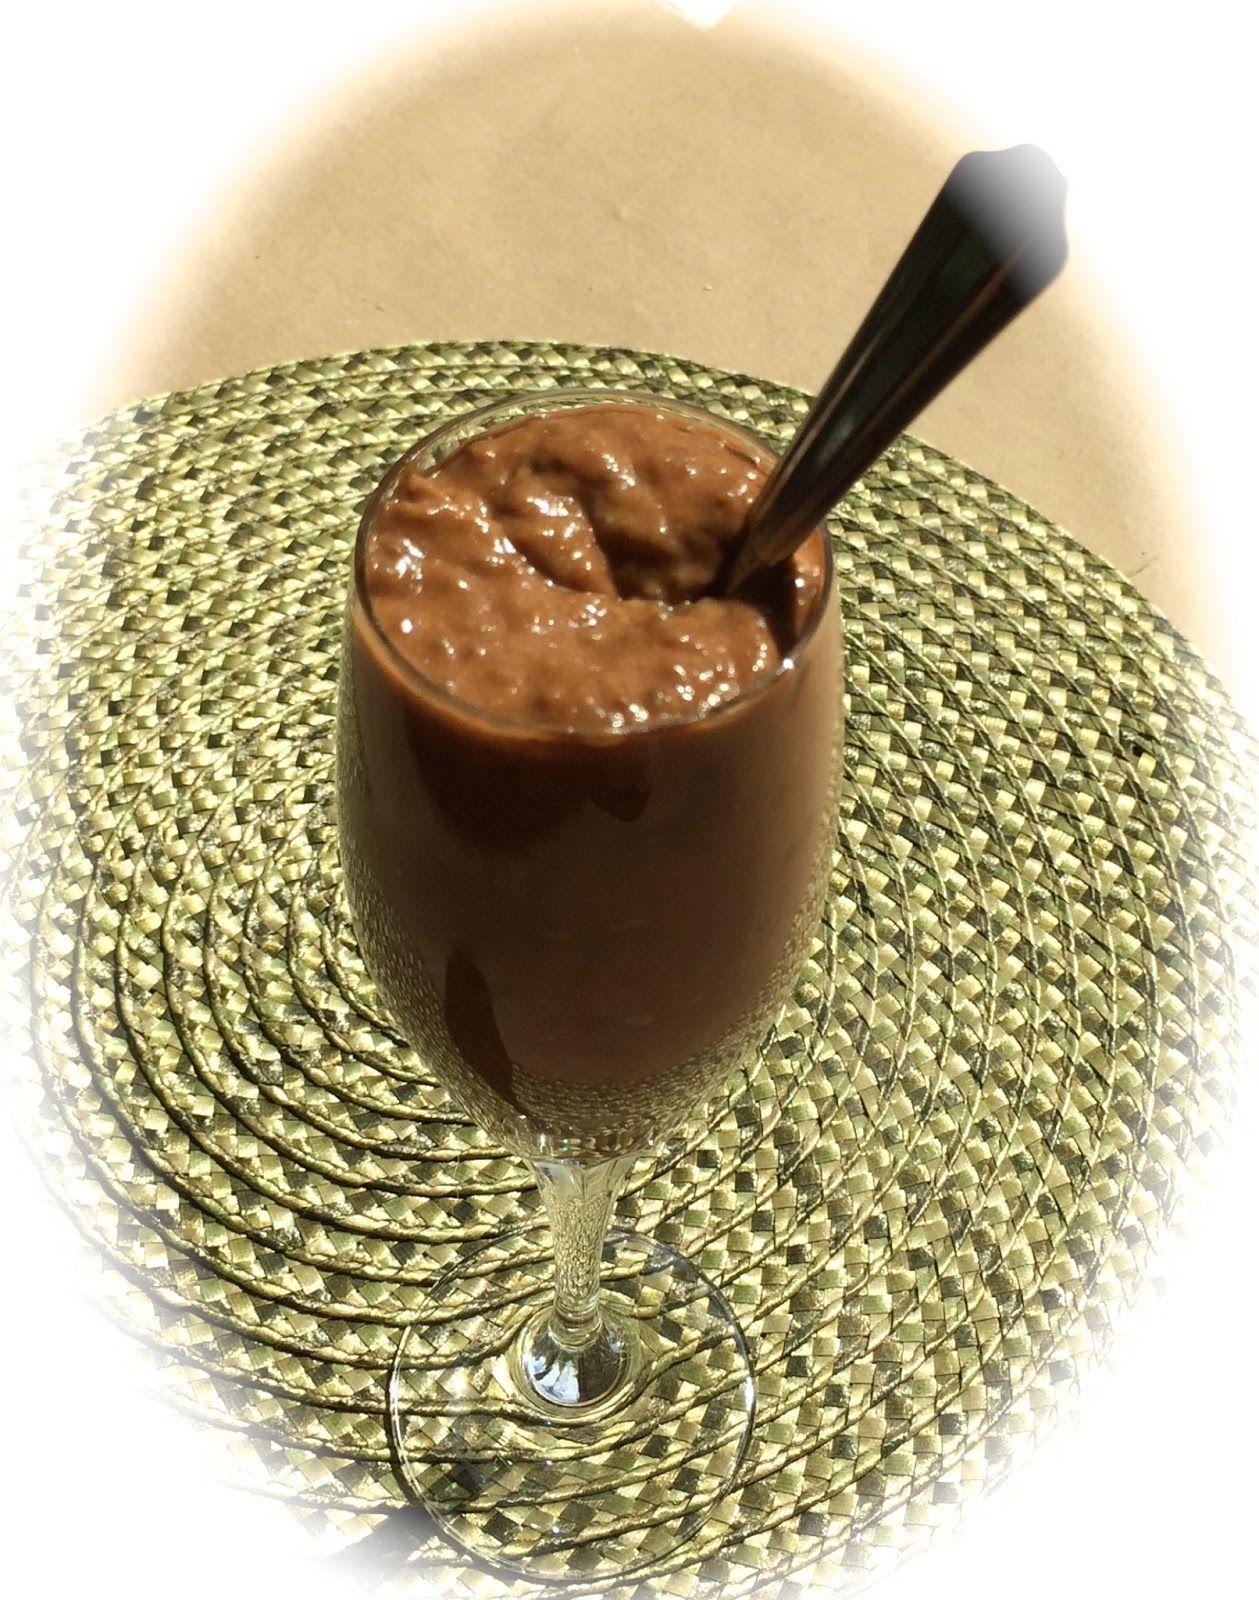 Pink-Vegan: Chocolate Pudding (DF, GF) - Sweet Potato Based